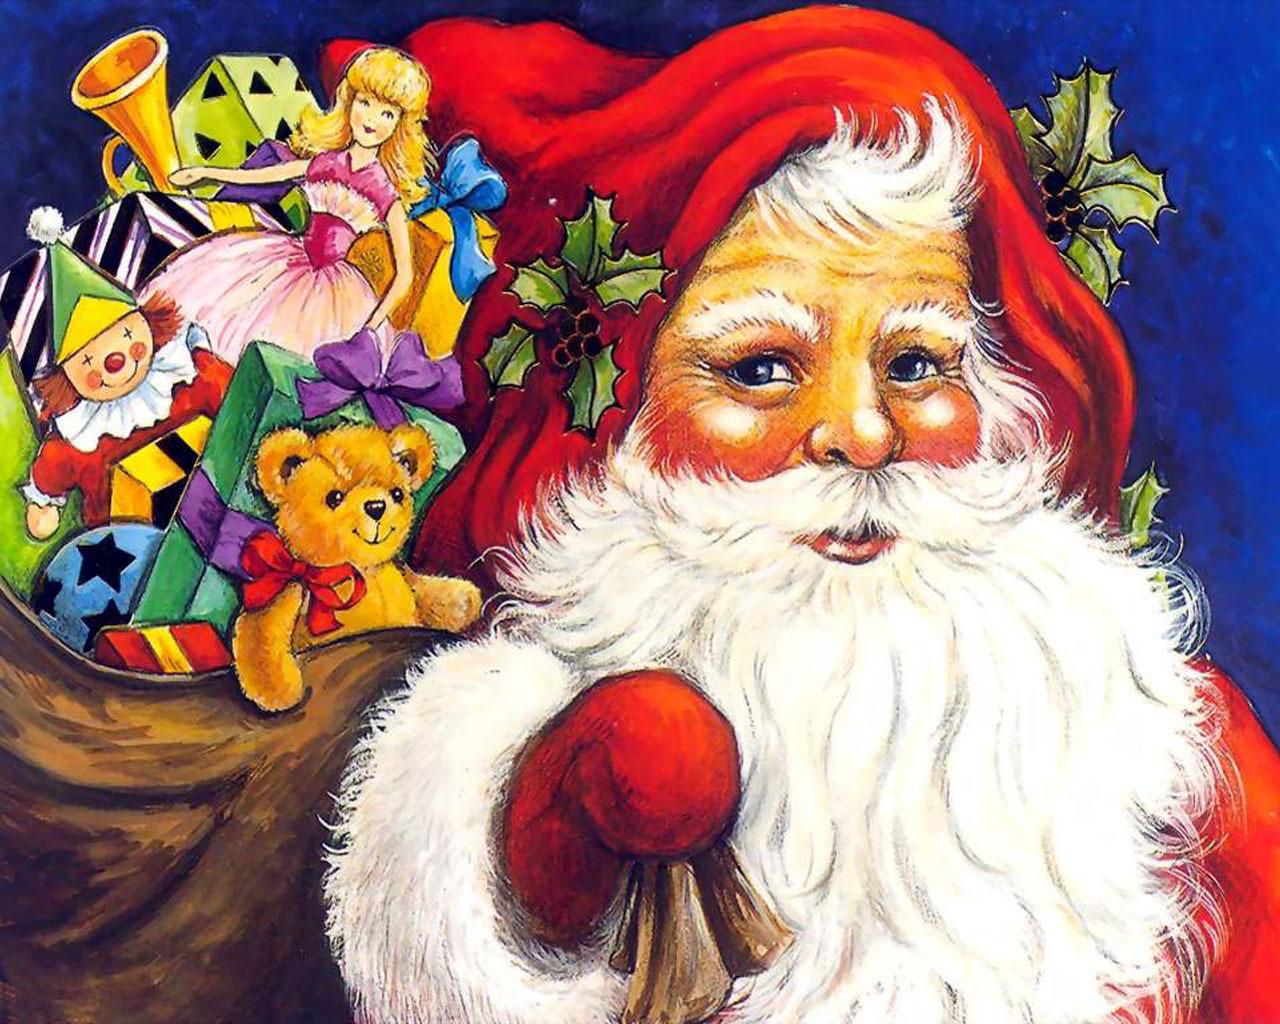 http://4.bp.blogspot.com/_6_Rp-LNh2CY/TQ5PycCjr8I/AAAAAAAAALY/Nnjb4UgG75c/s1600/Santa-Claus-christmas-2736333-1280-1024.jpg